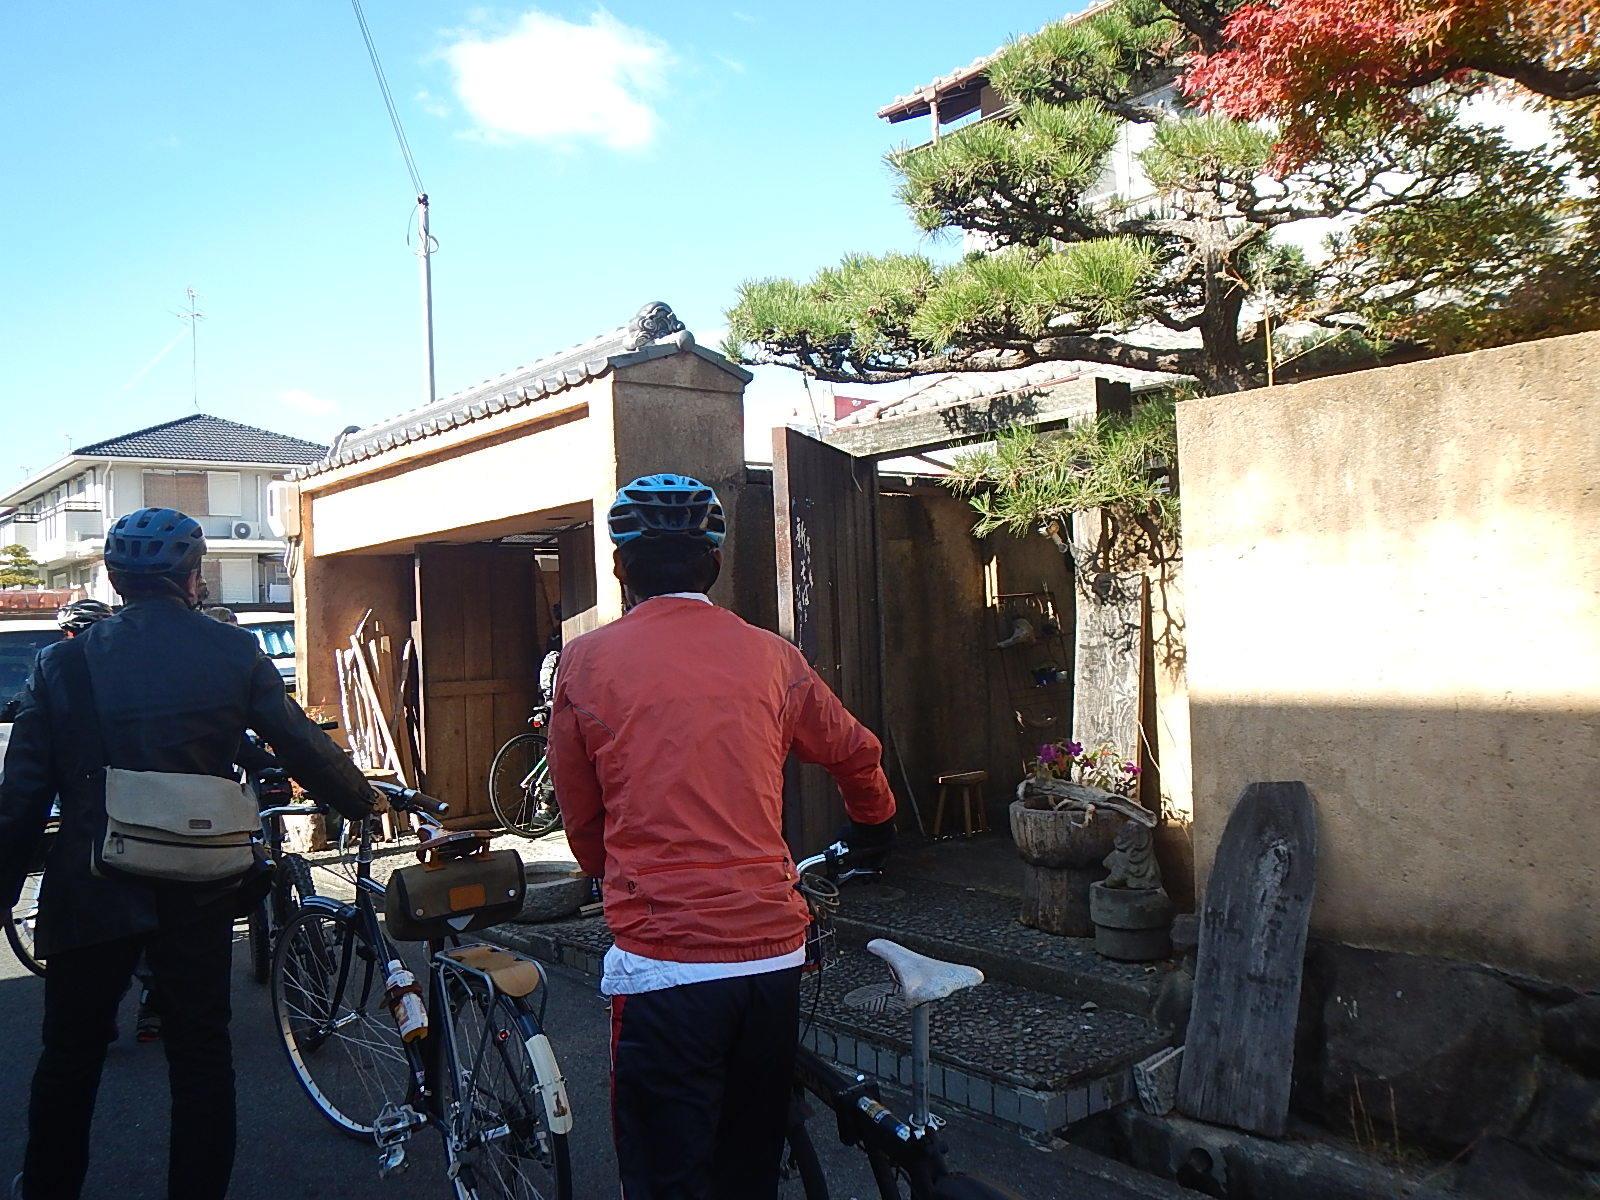 そば屋「藍」へ~ゆっくりポタリングを楽しむ会_a0386742_16594696.jpg